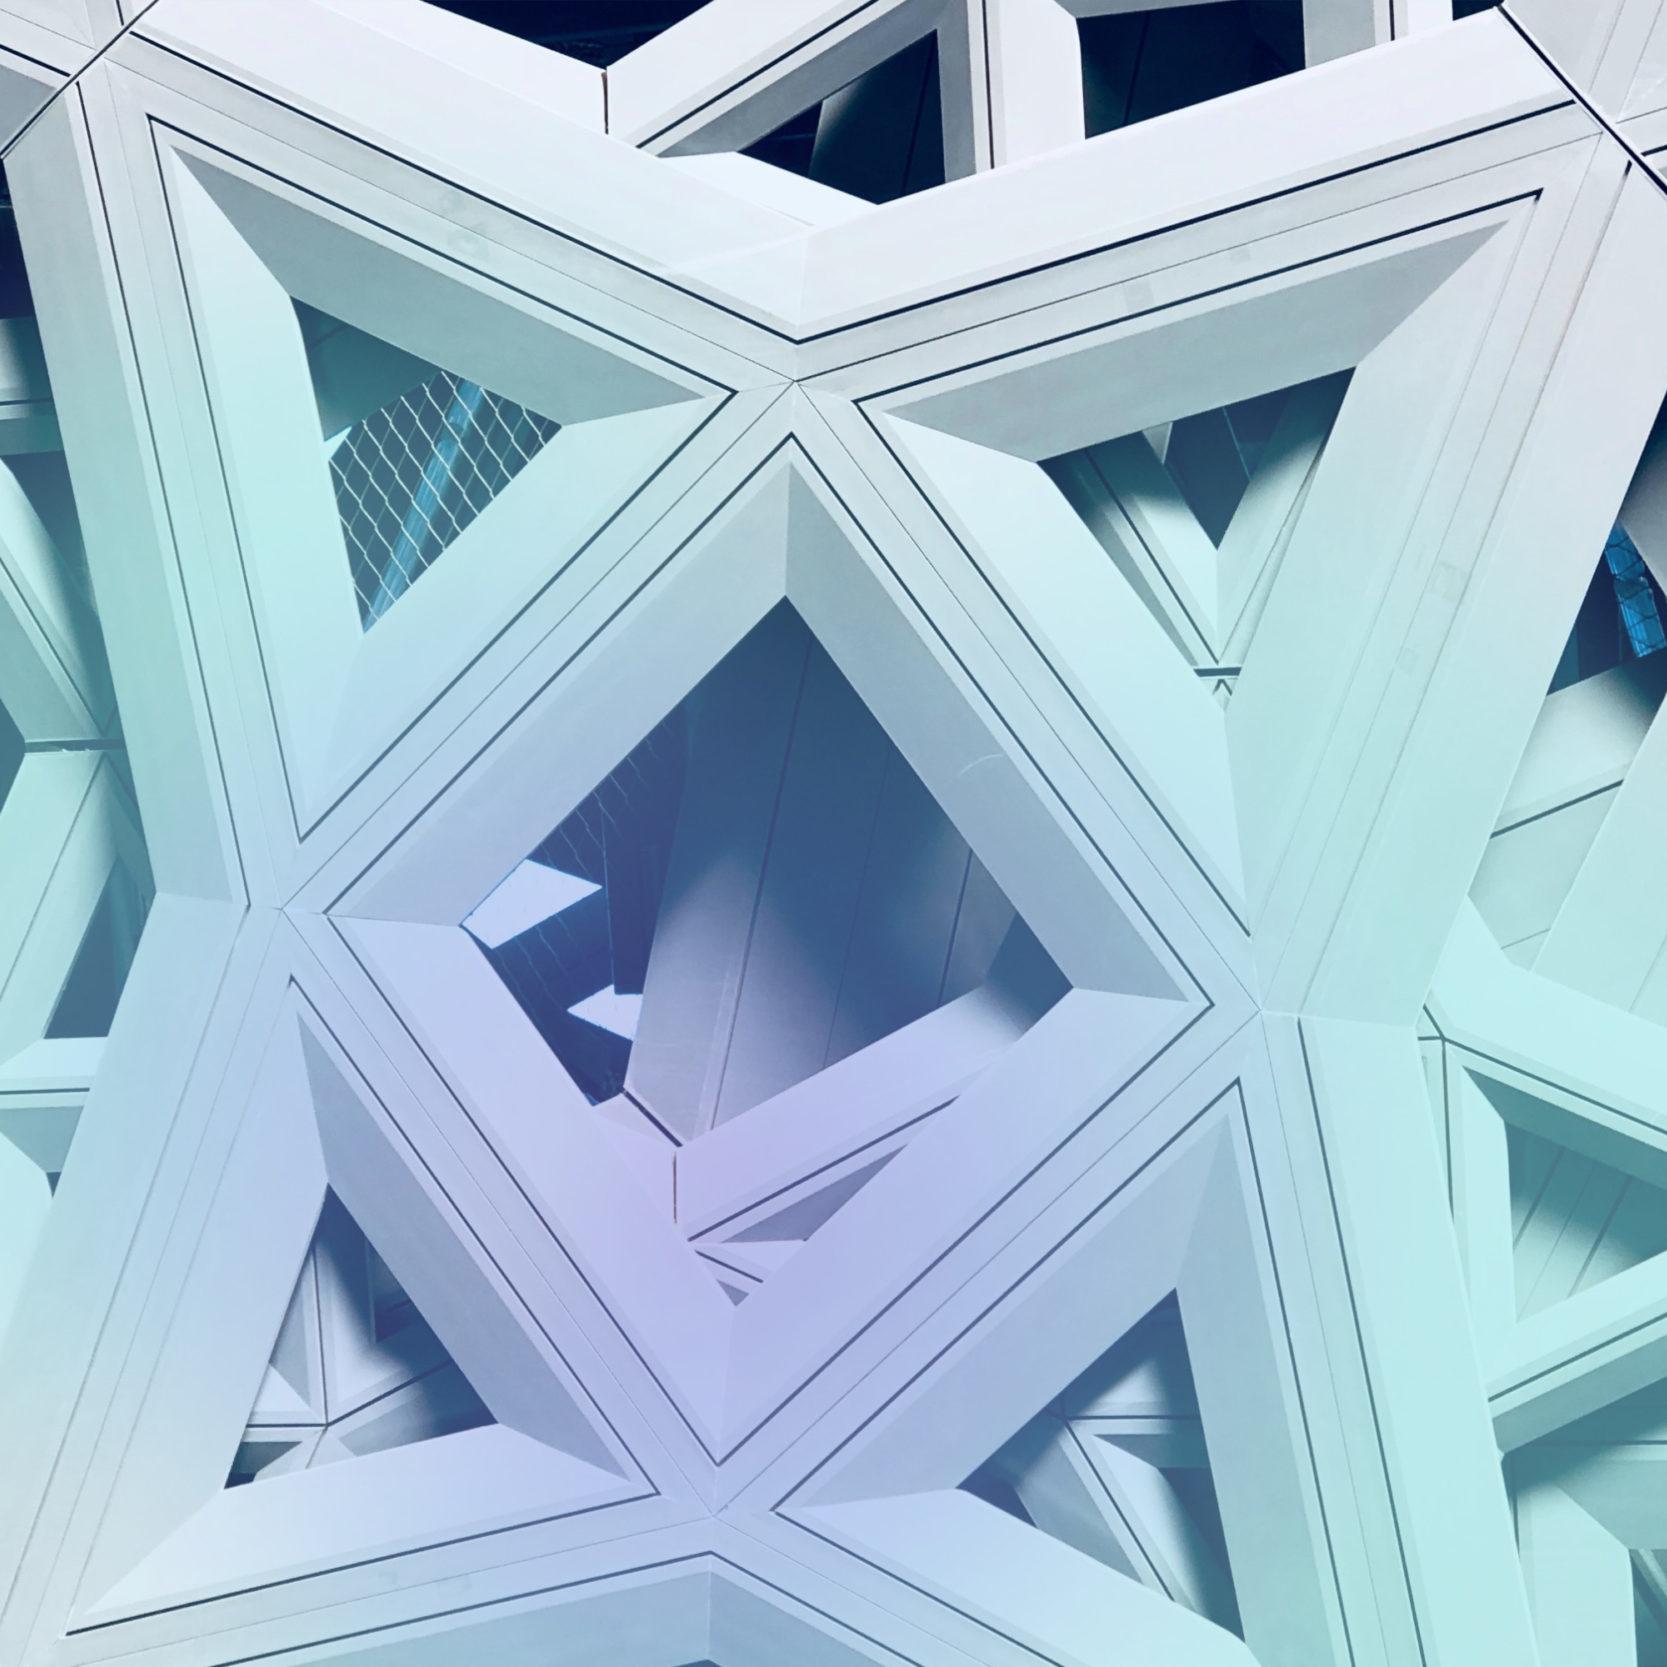 Bild einer Oberfläche eines Bauwerks